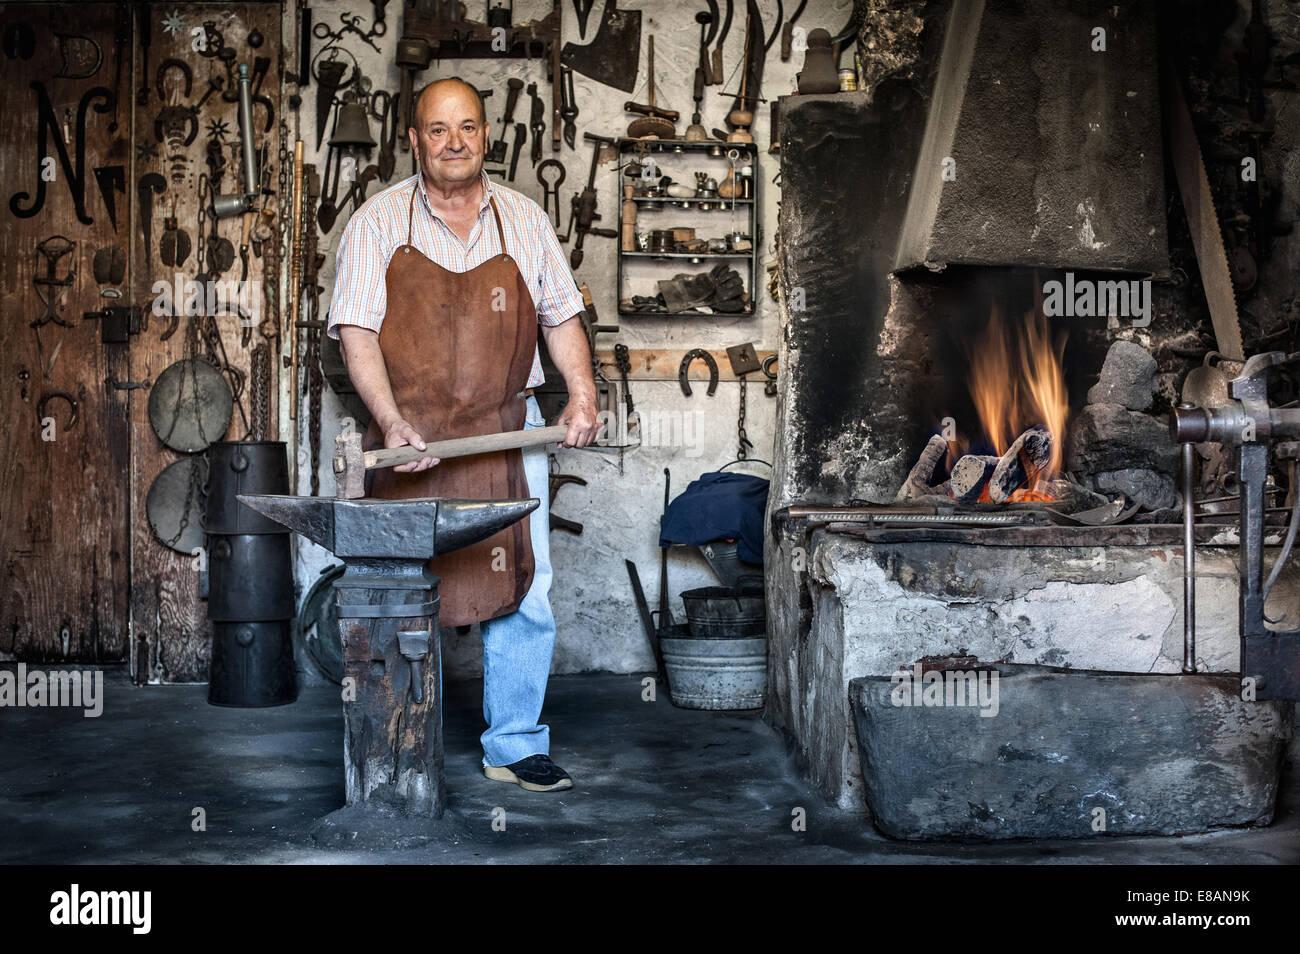 Porträt von senior männlichen Schmied in traditionellen Werkstatt, Cagliari, Sardinien, Italien Stockbild